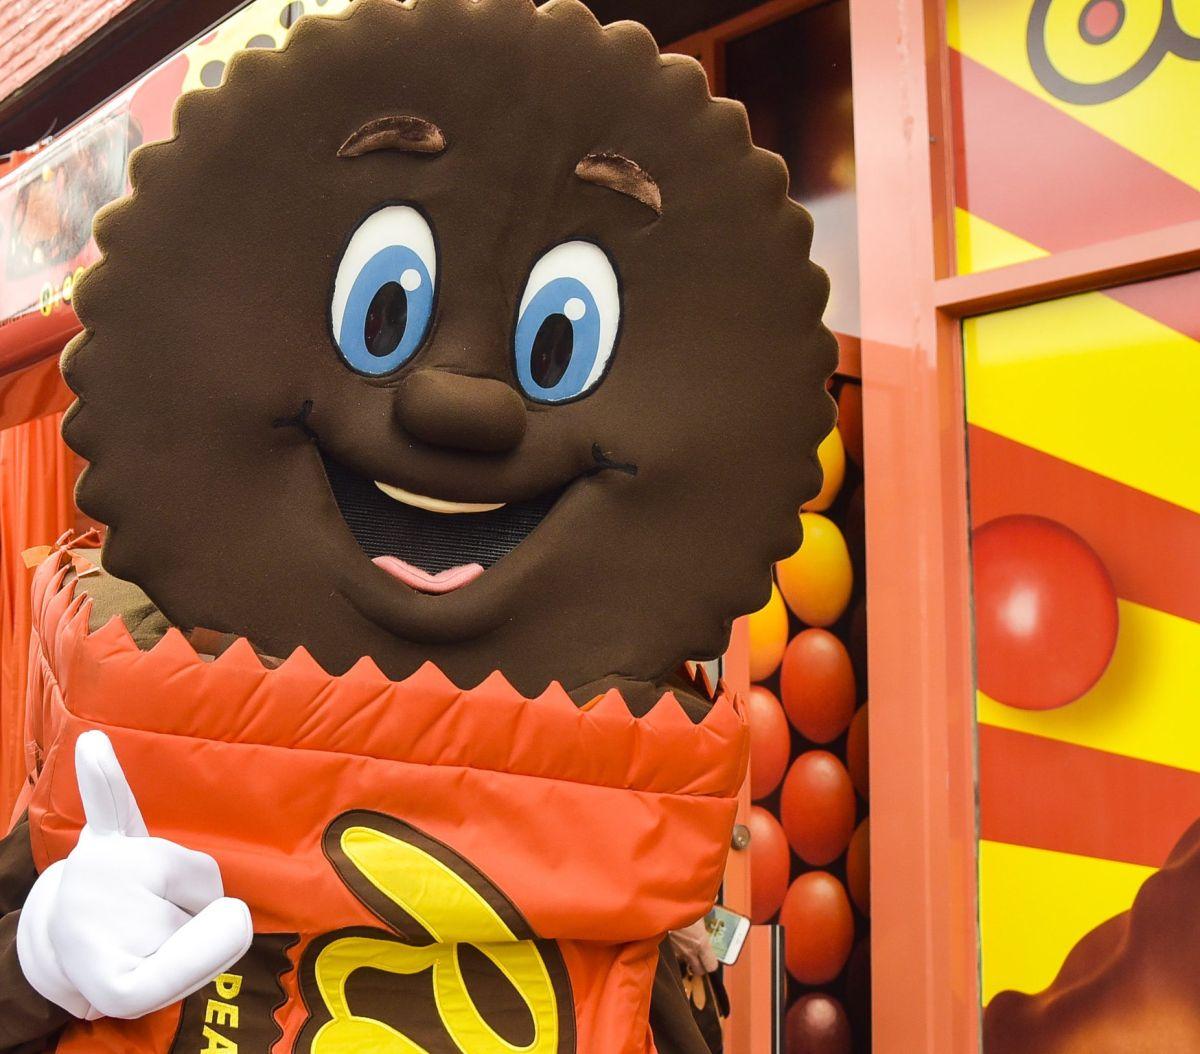 Los cosméticos de Reese's contienen una envoltura muy parecida a la de los tradicionales caramelos.